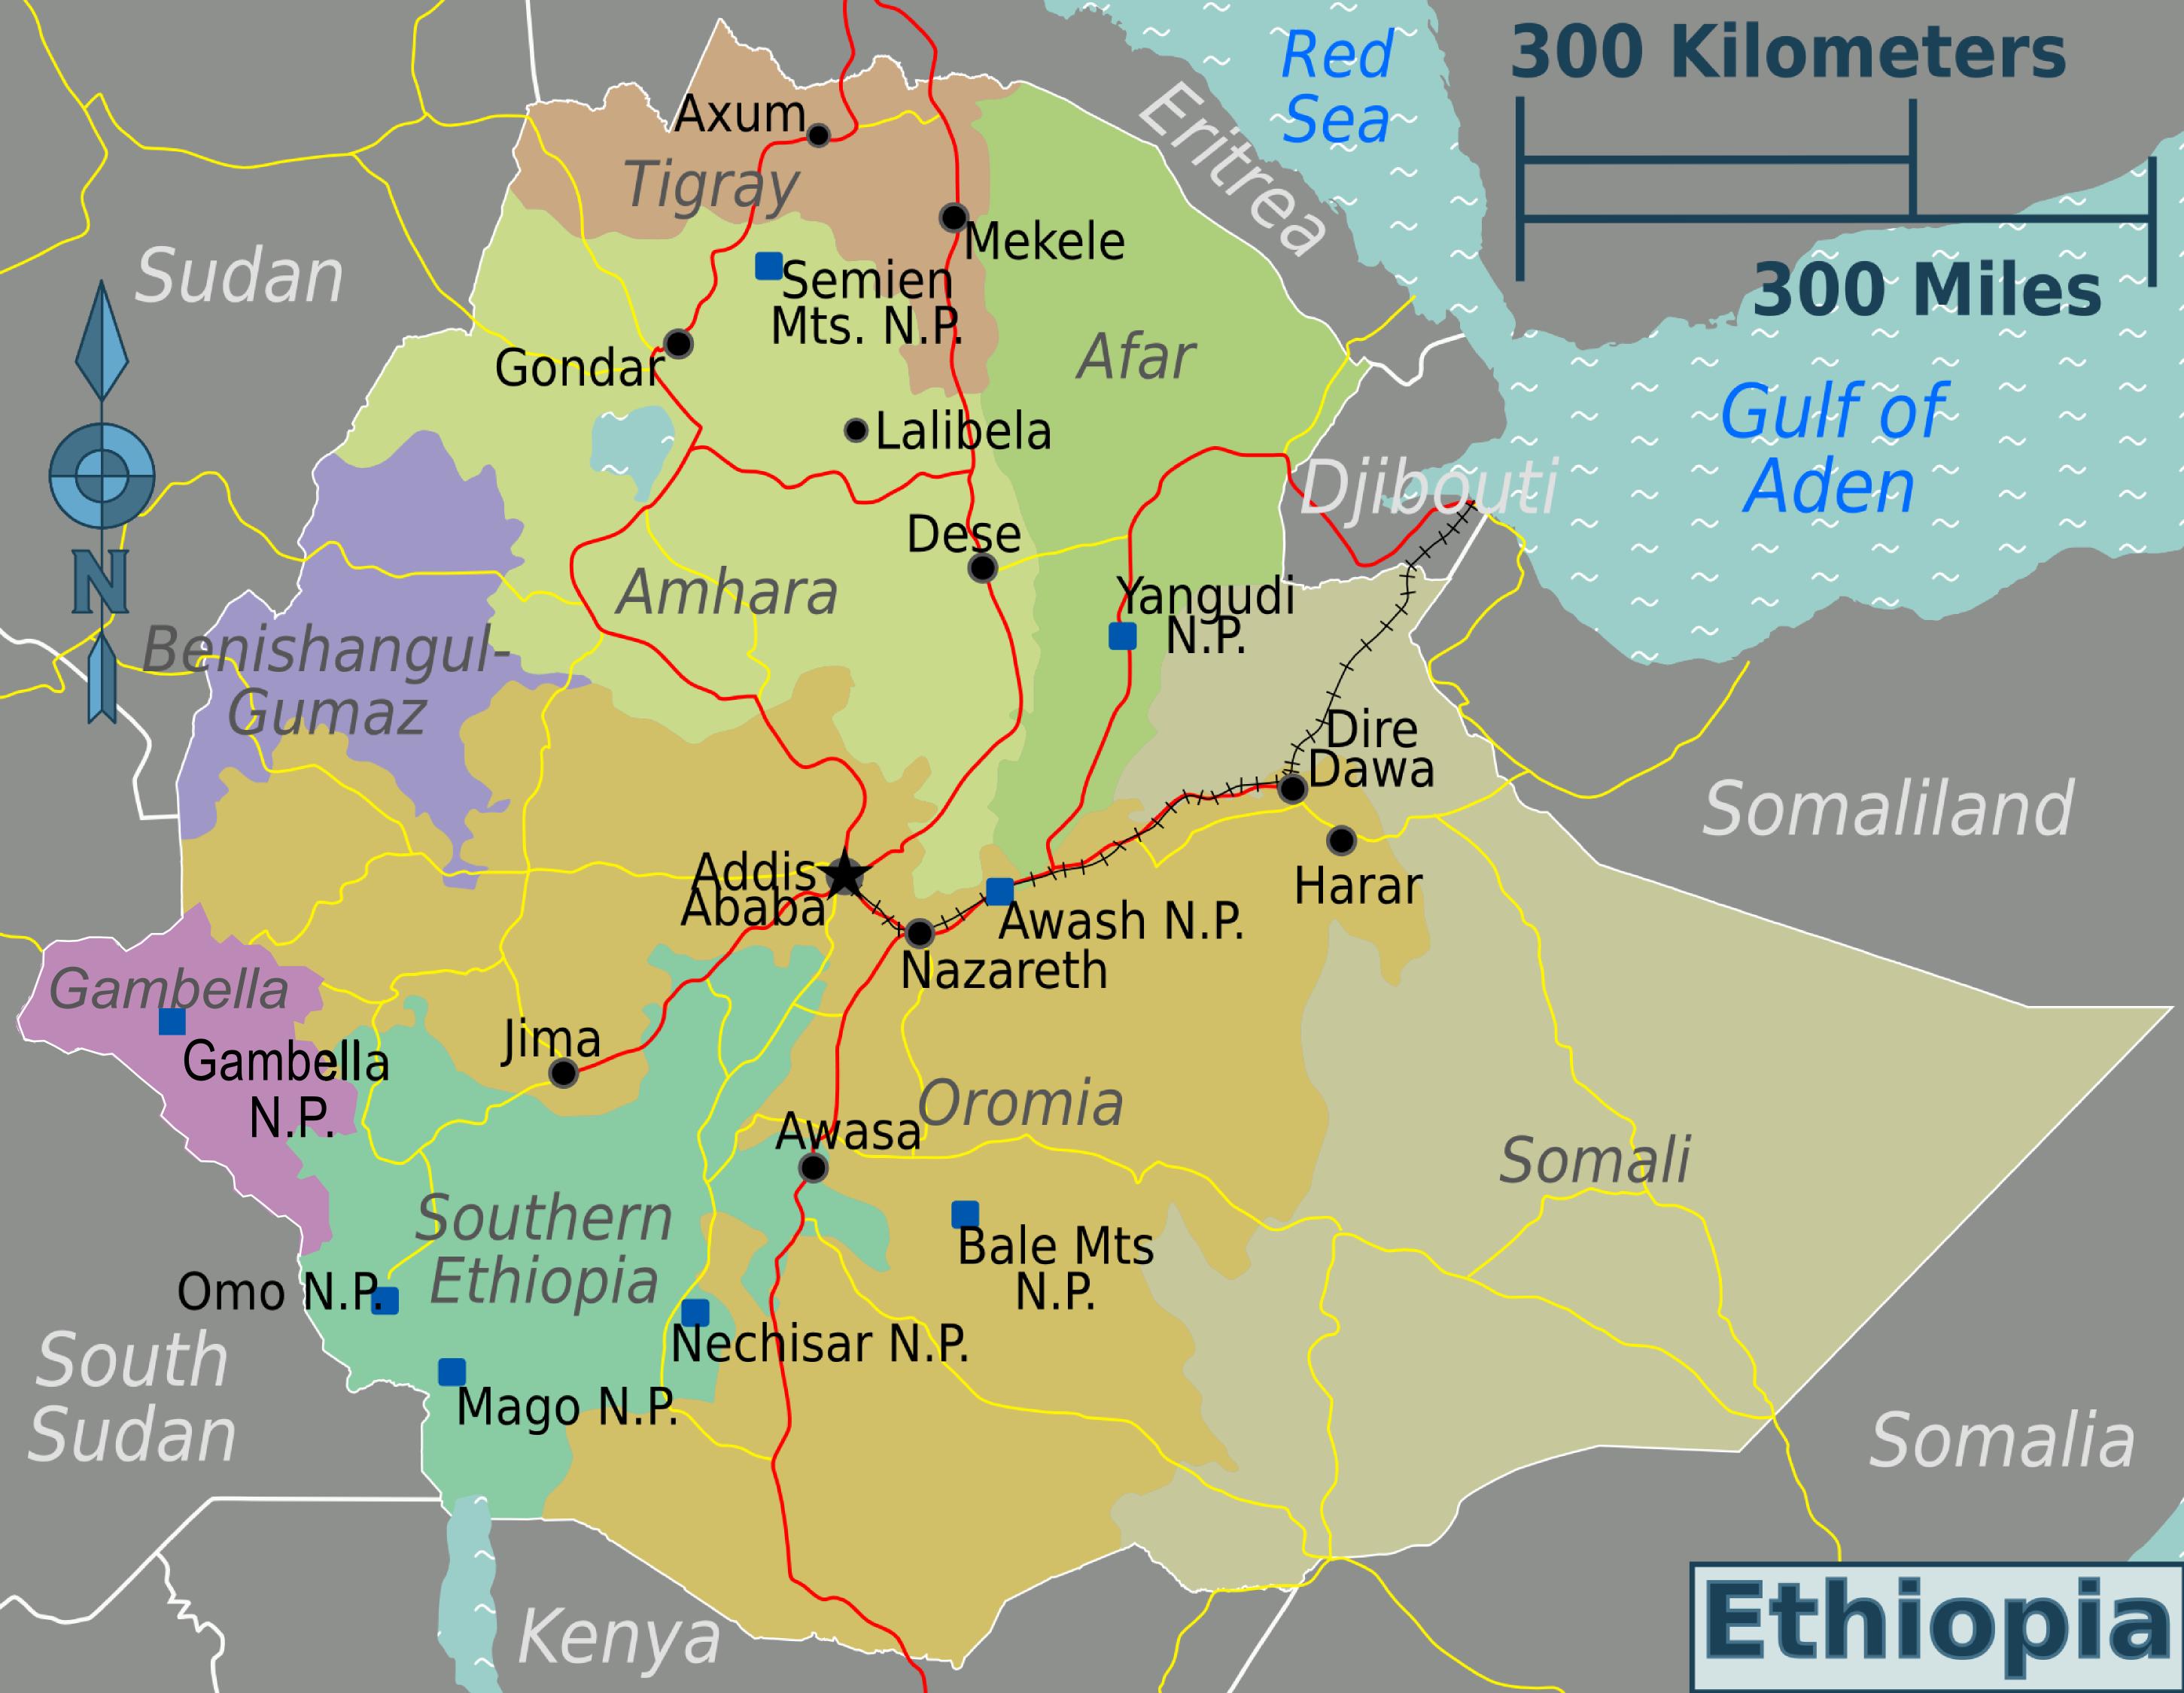 Parques nacionales de Etiopía - Wikipedia, la enciclopedia libre